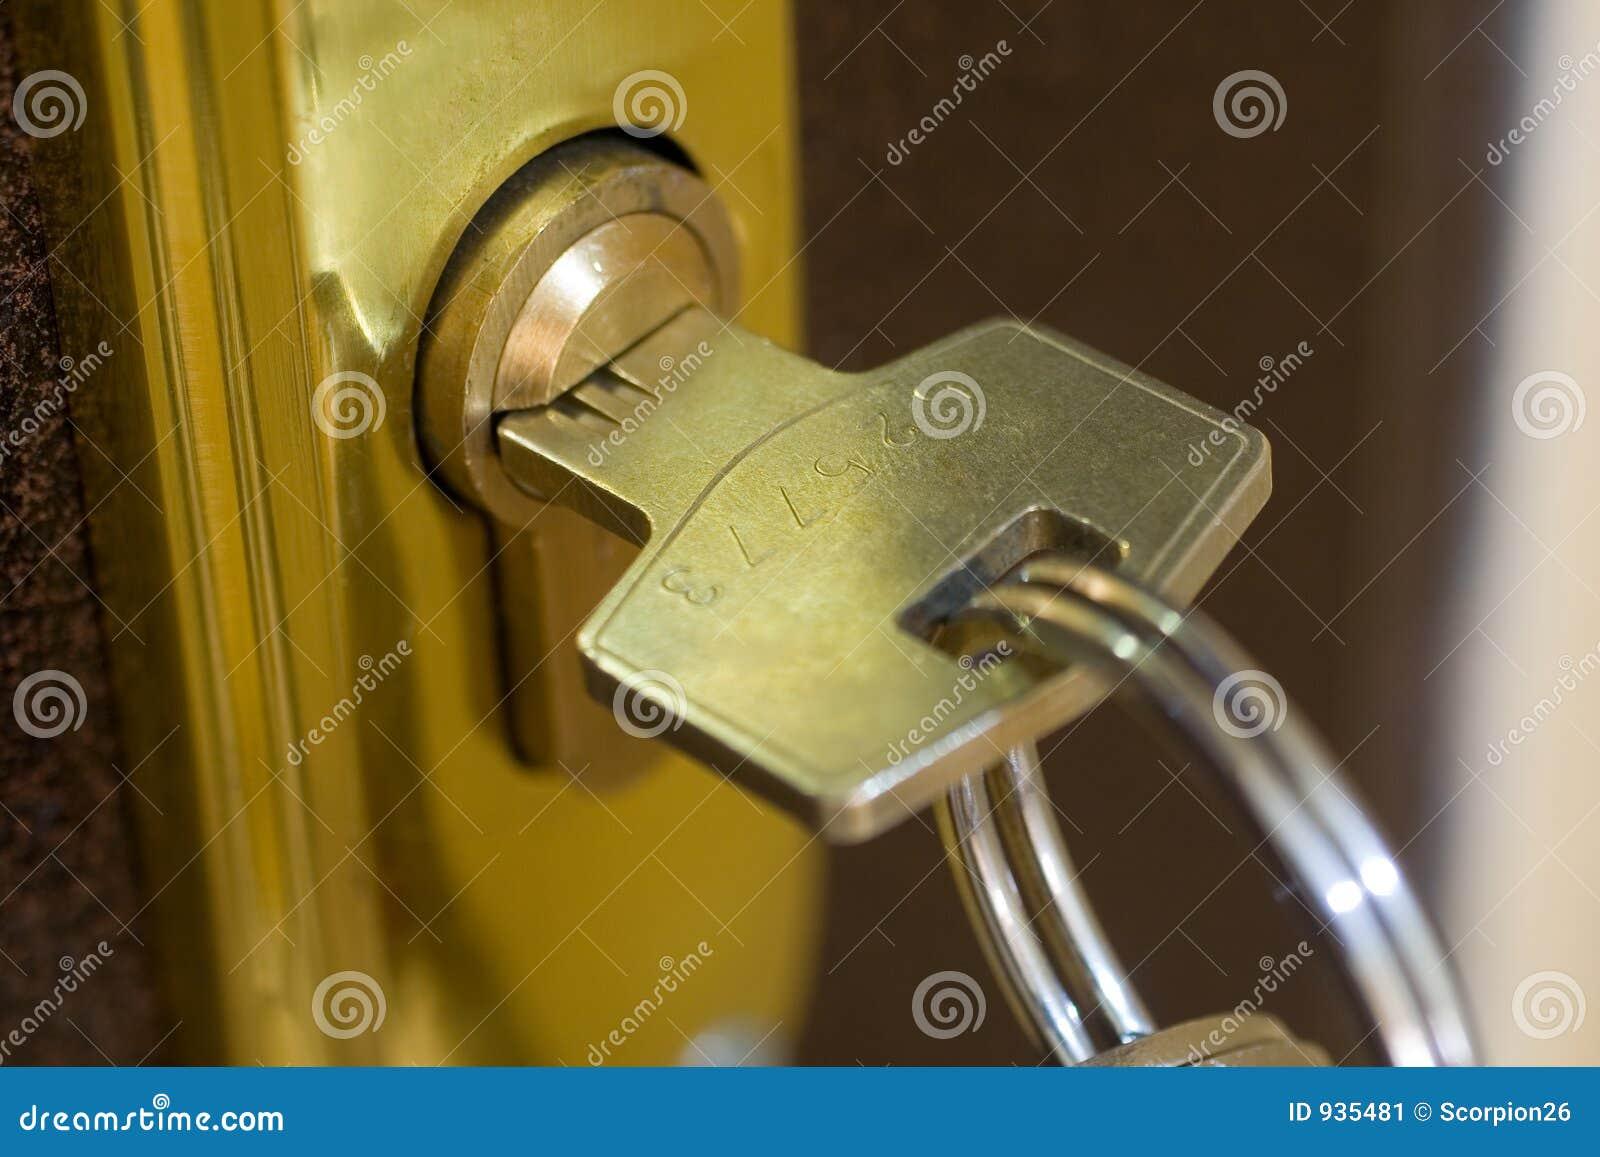 Z slot lock